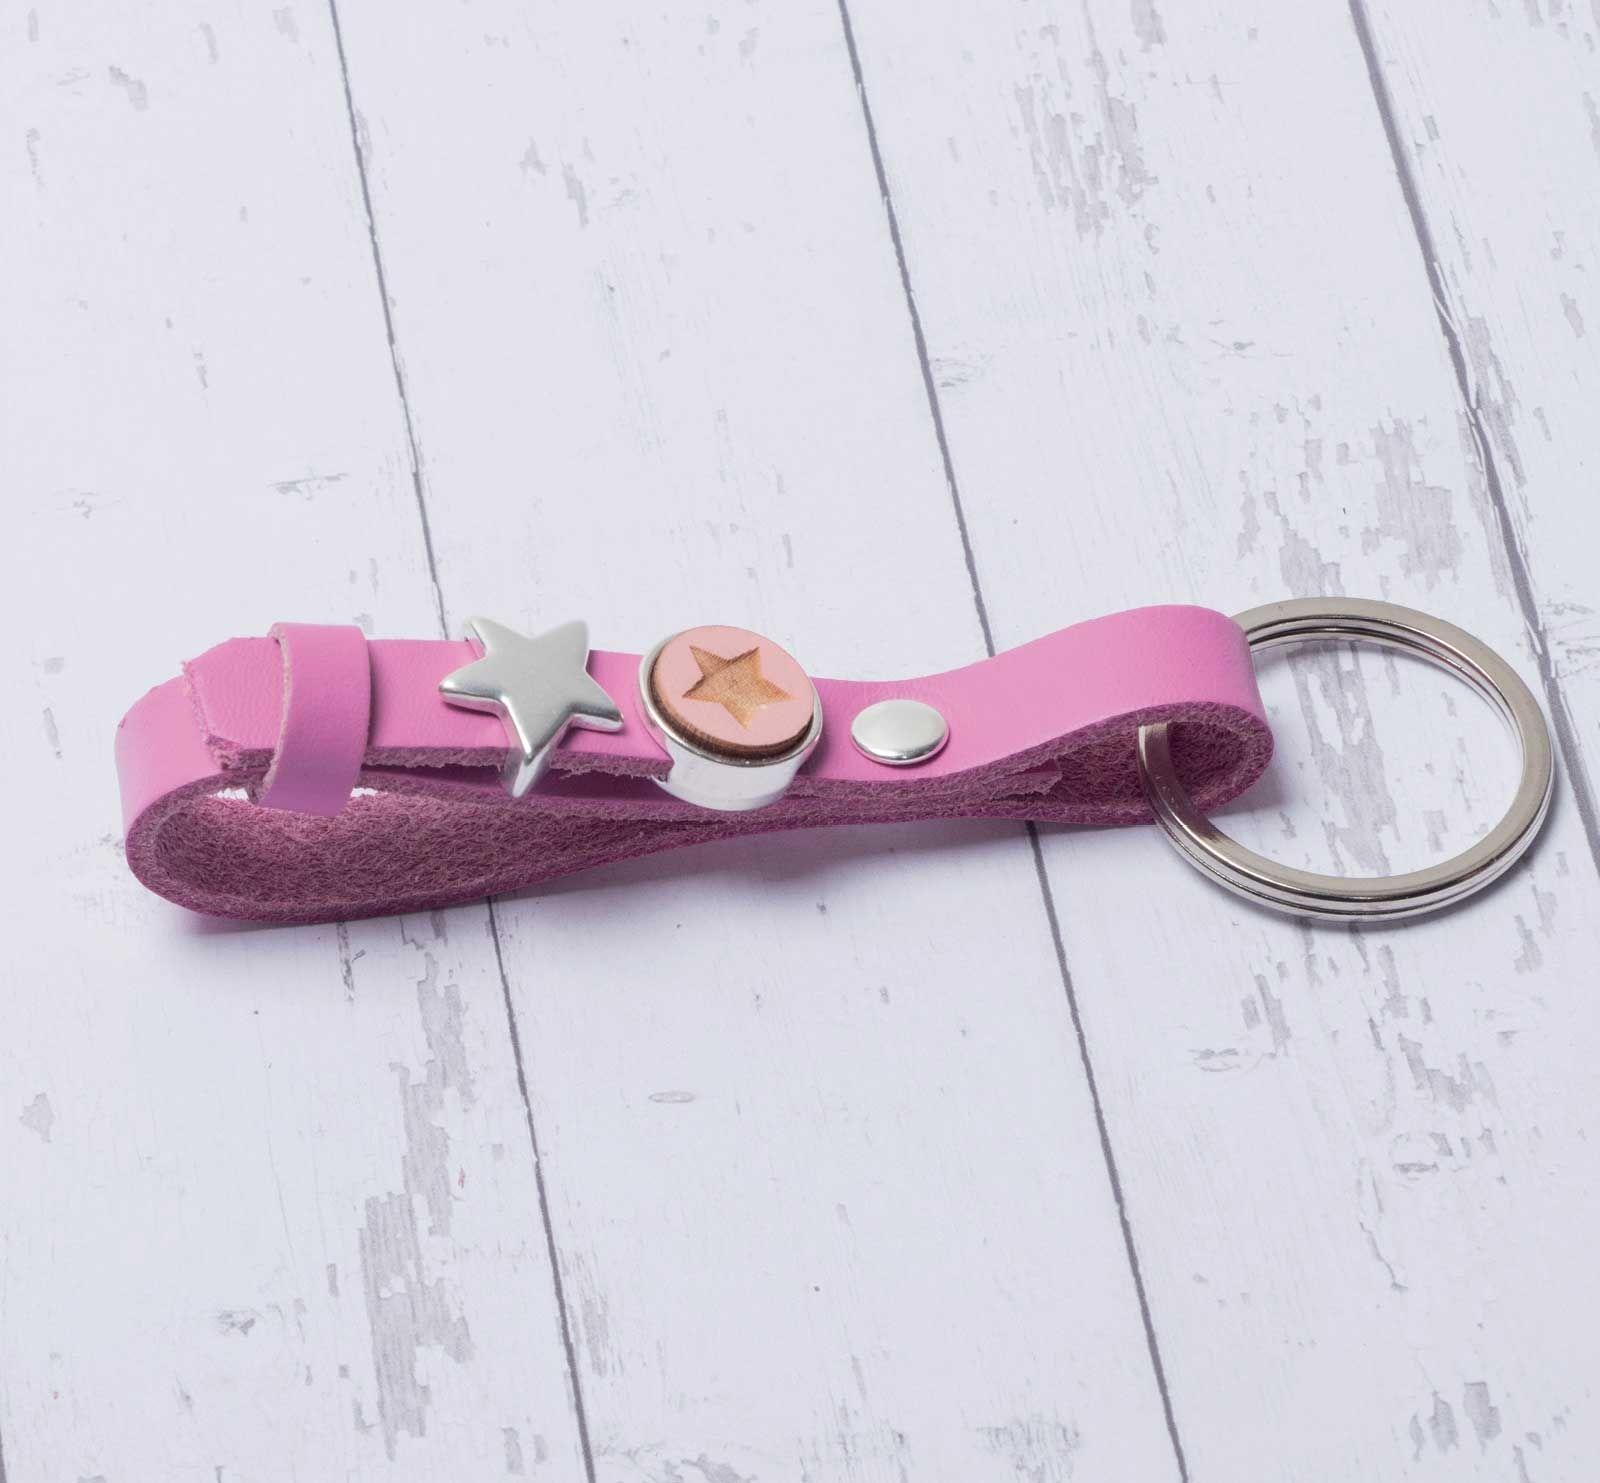 Schlüsselanhänger für Slider aus breitem Lederband machen